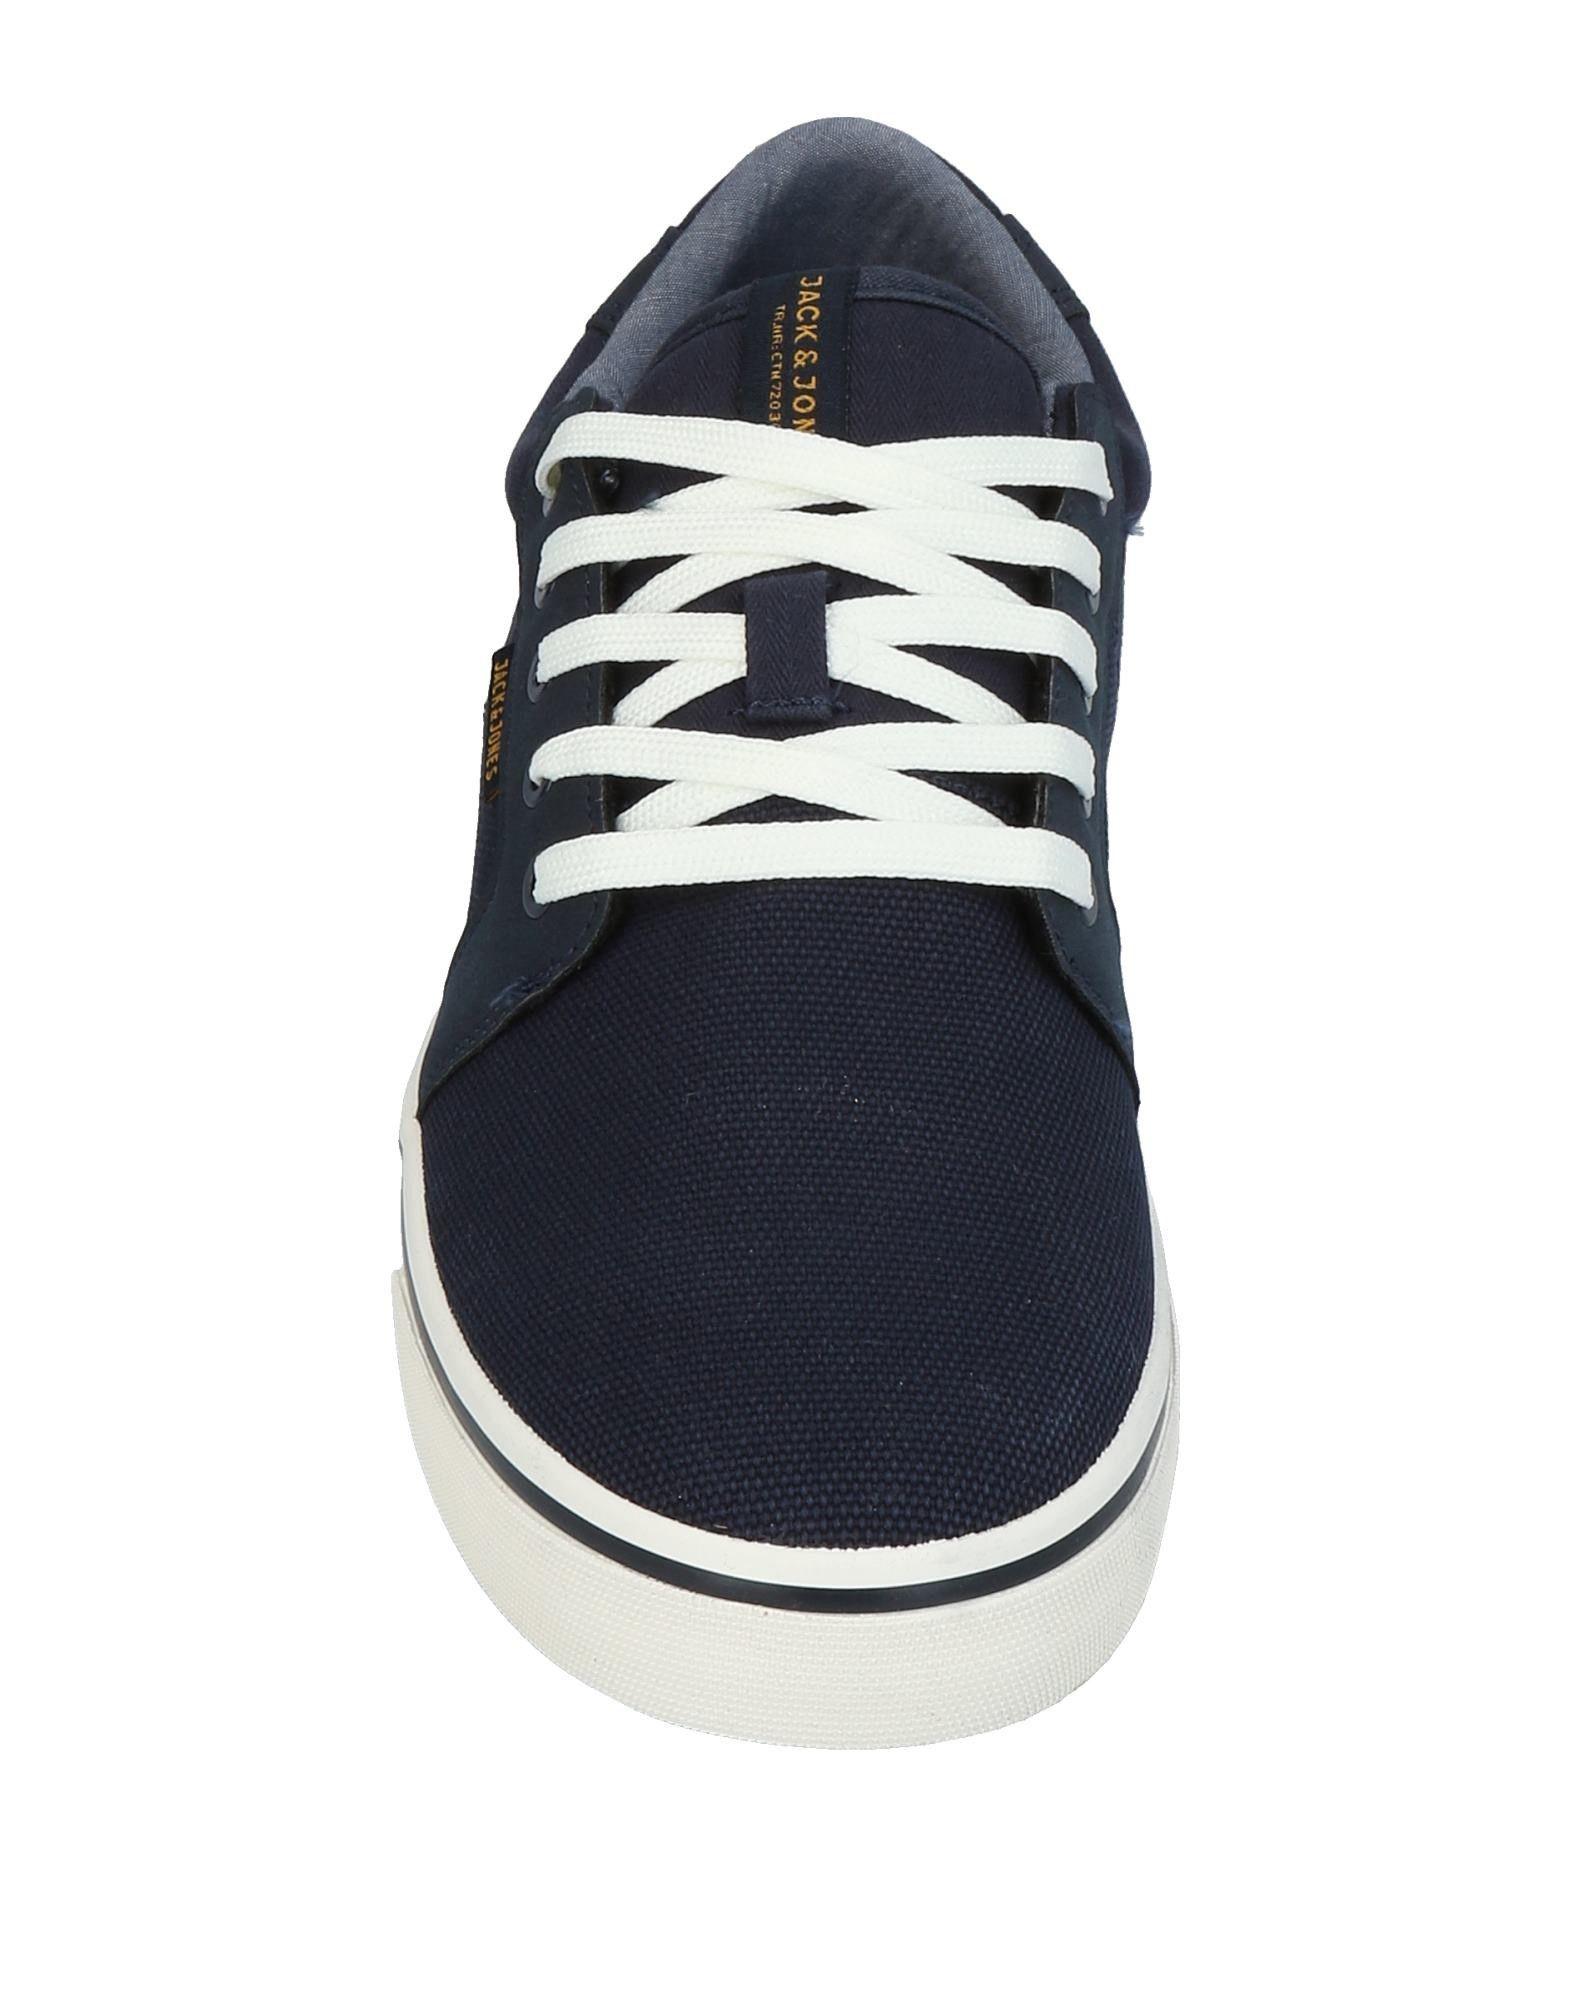 Sneakers Jack & Jones Homme - Sneakers Jack & Jones sur